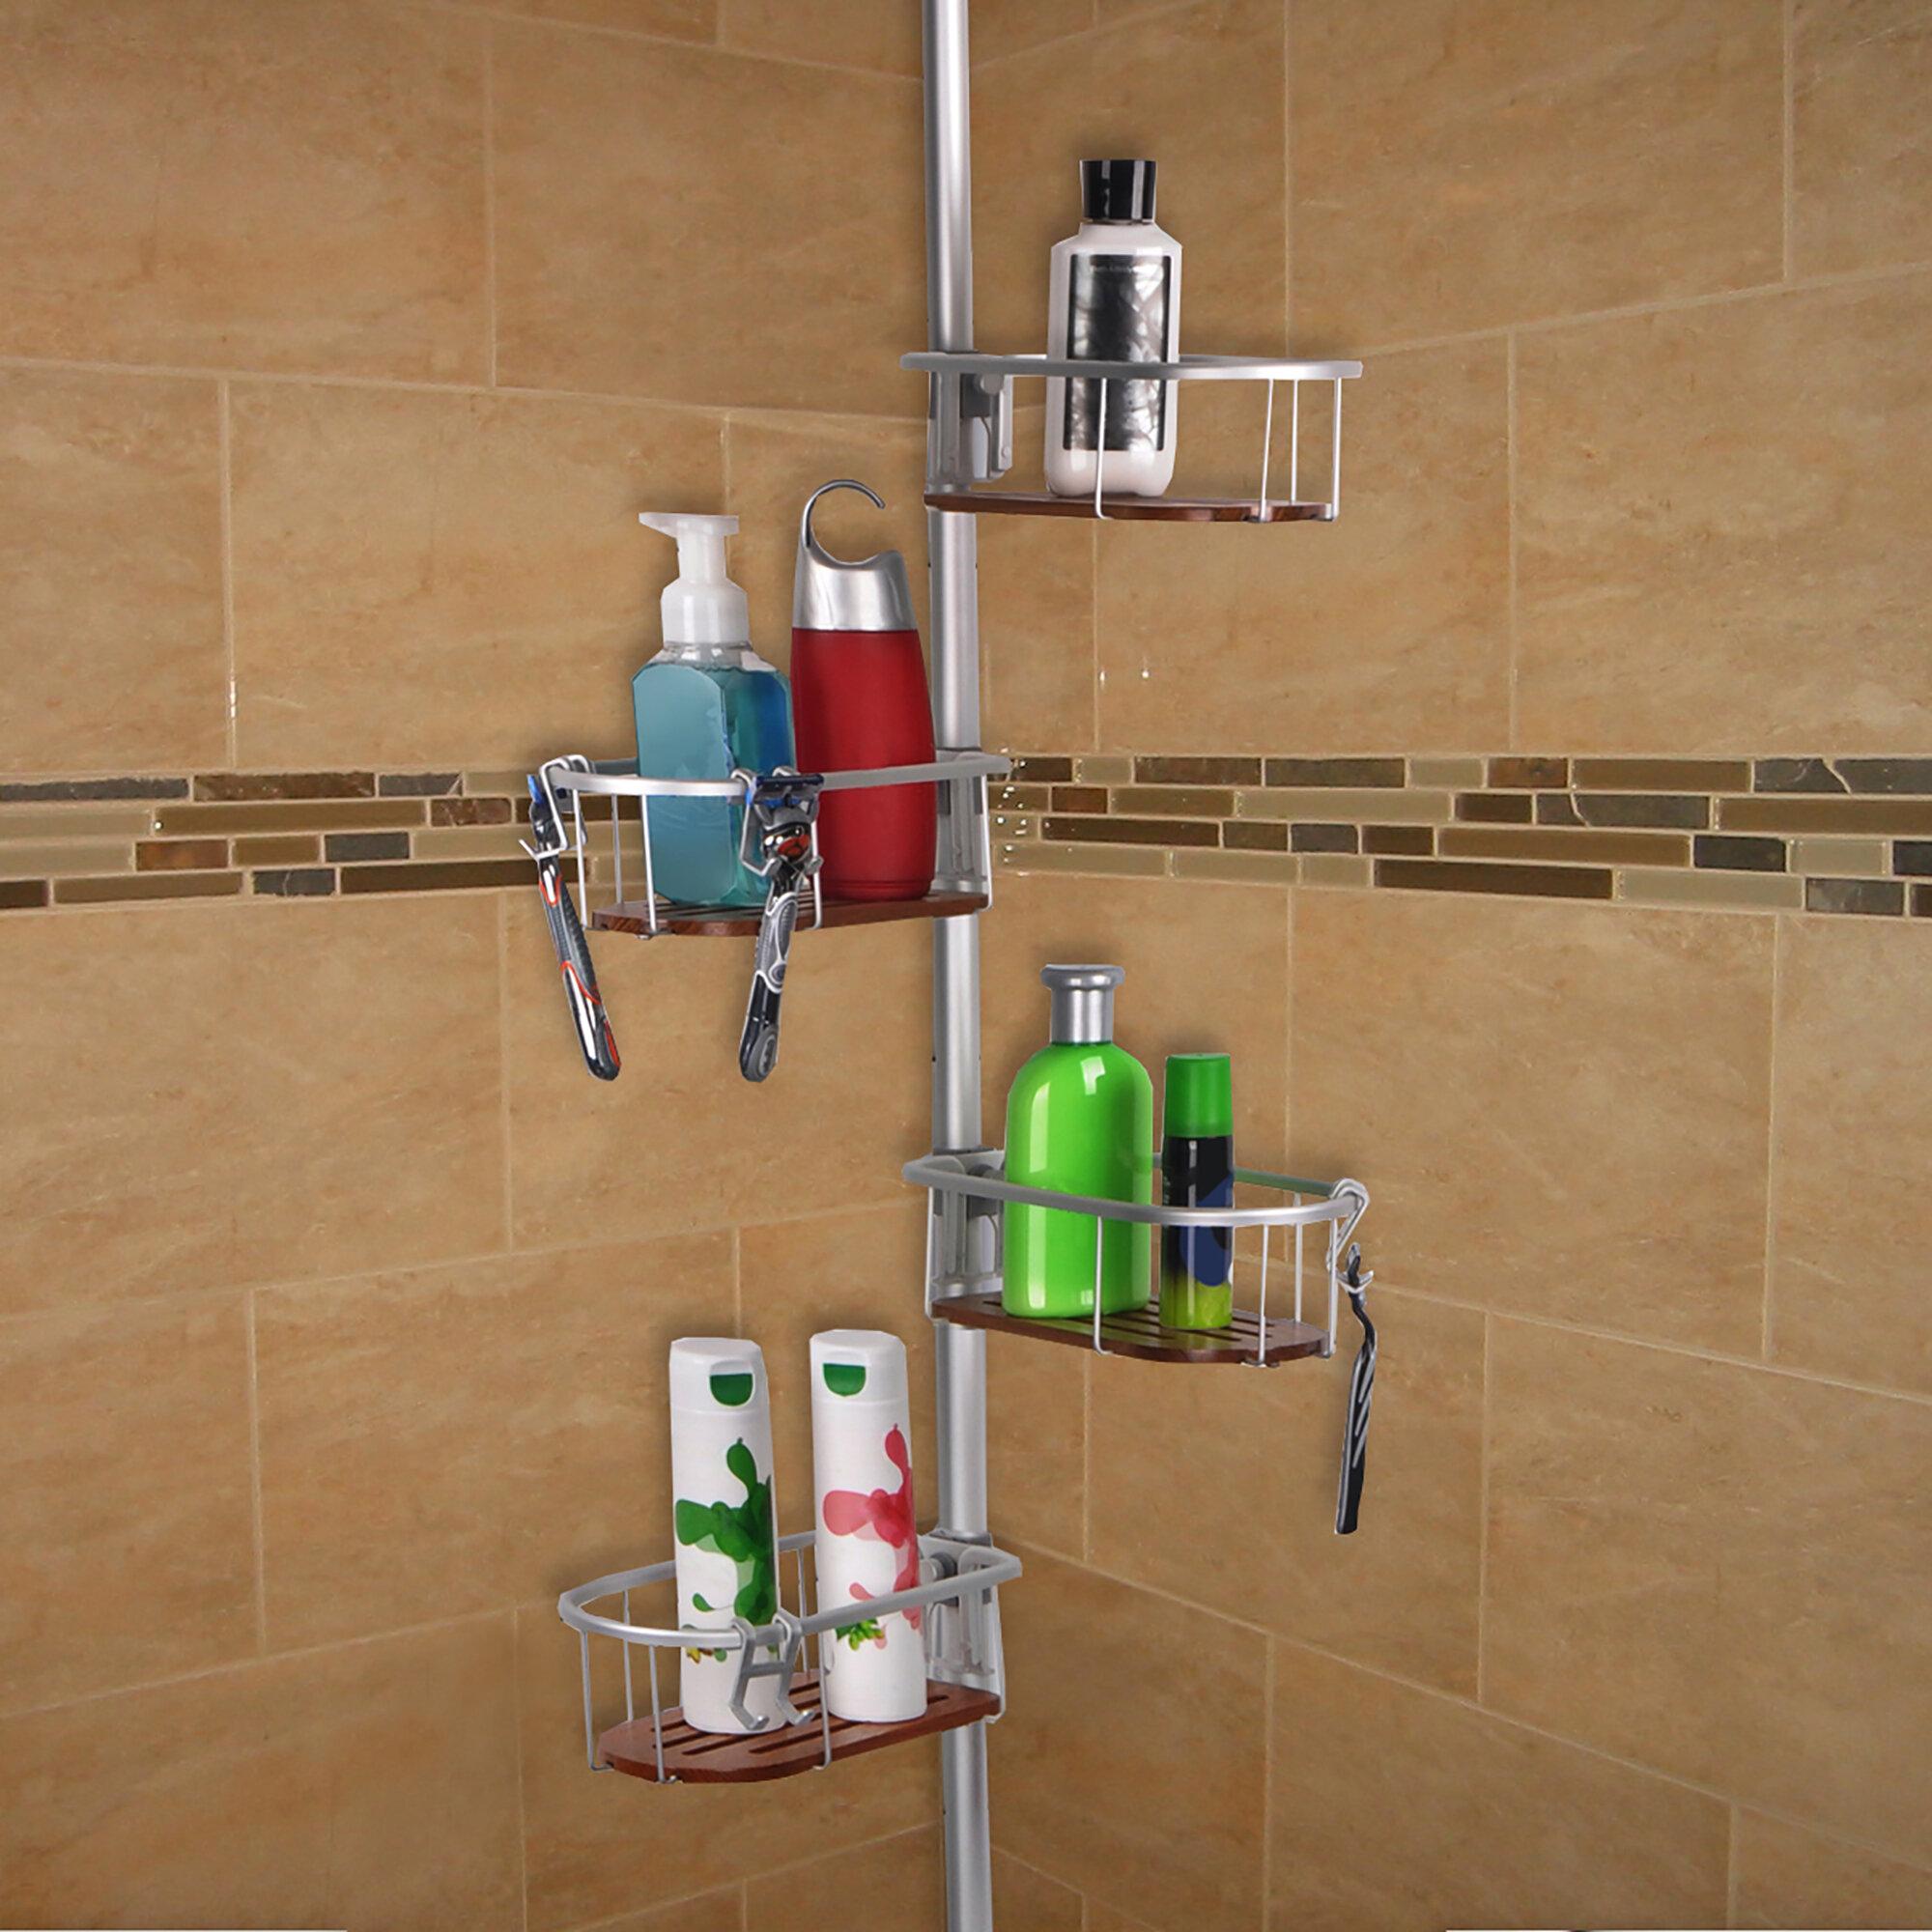 UtopiaAlley Teak Tension Rustproof Shower Caddy & Reviews | Wayfair